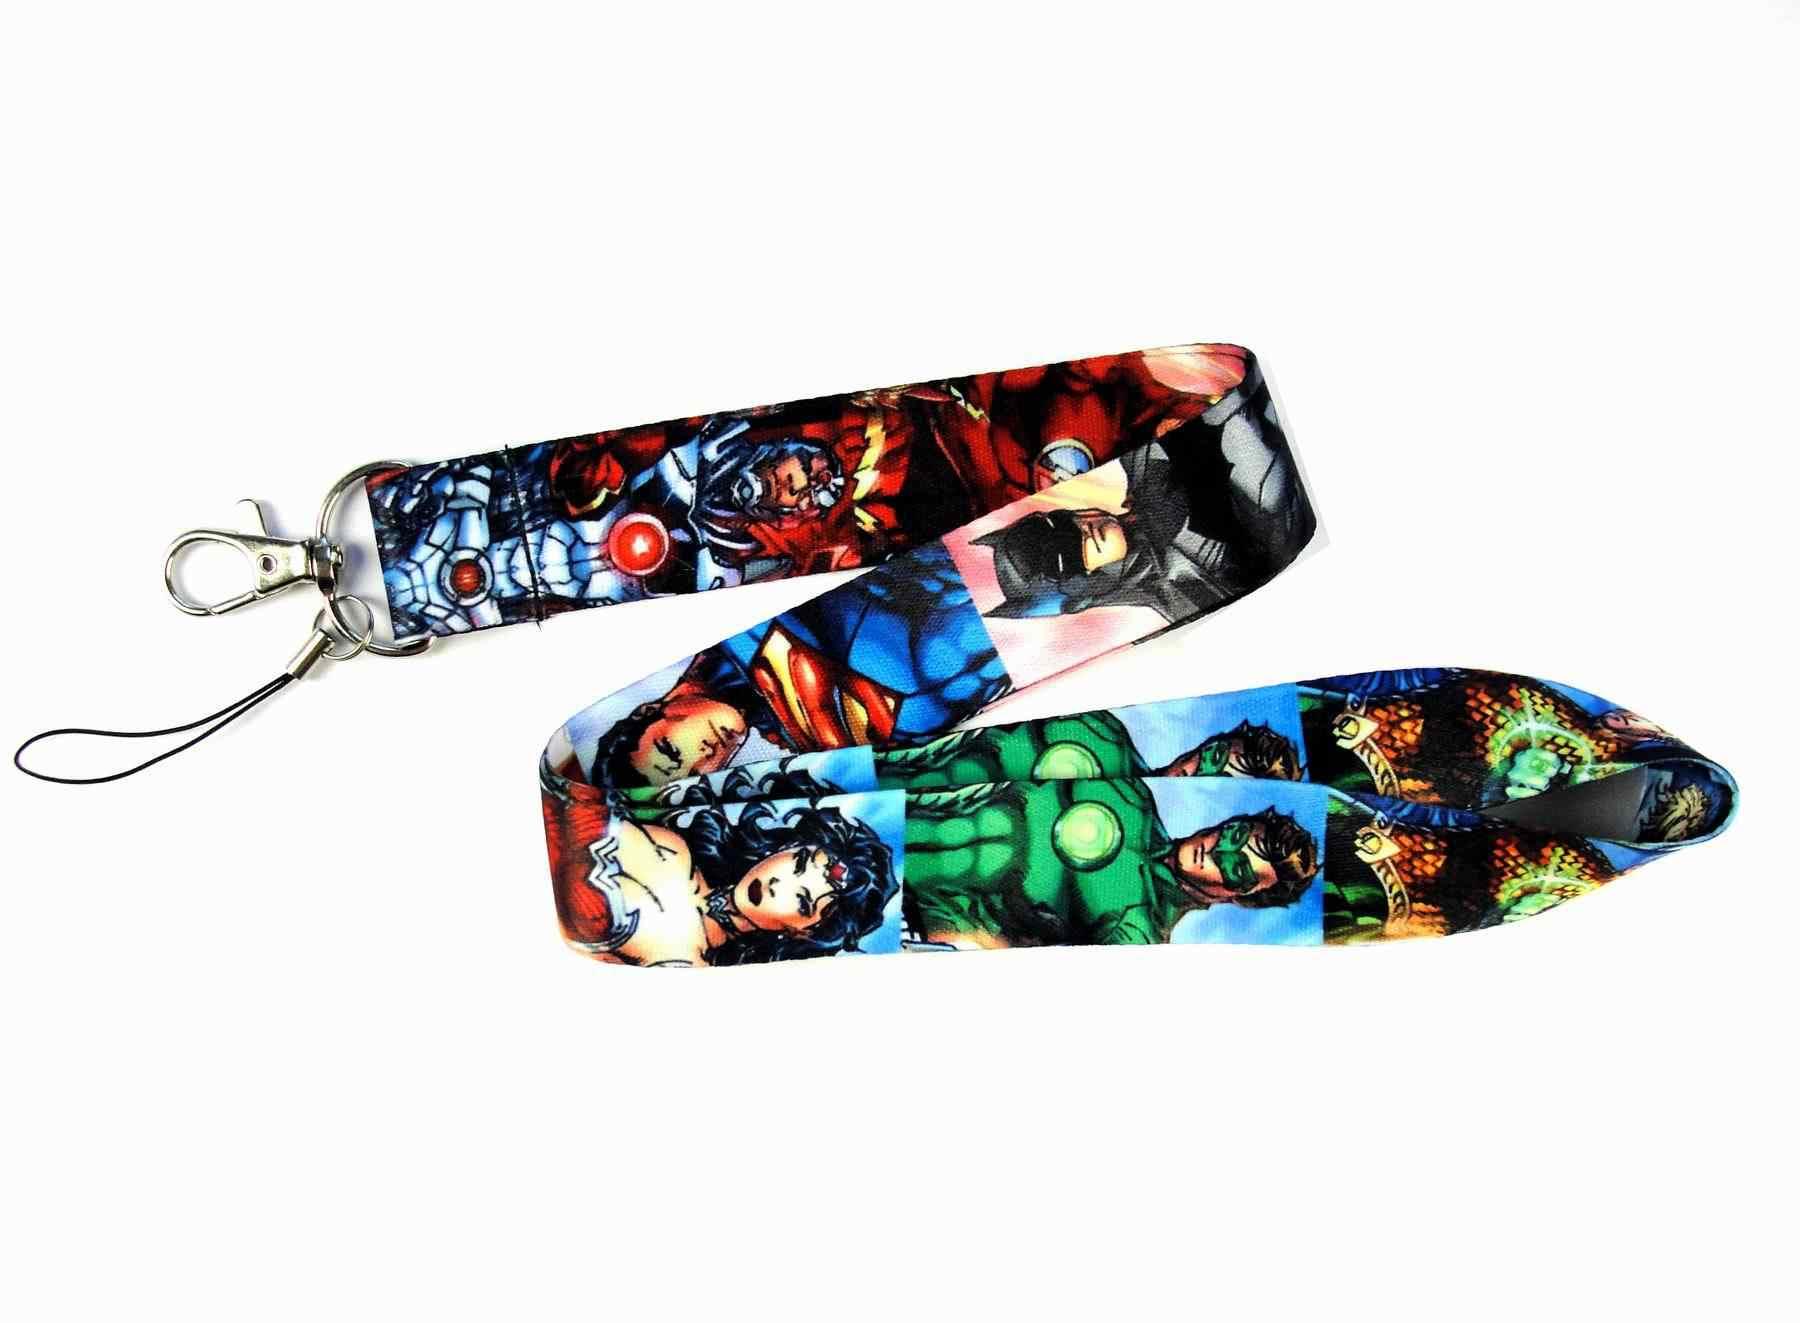 Venta caliente 1 pieza de alta calidad de dibujos animados Cool Superman Batman insignia titular cordón correa de teléfono móvil correa de llave